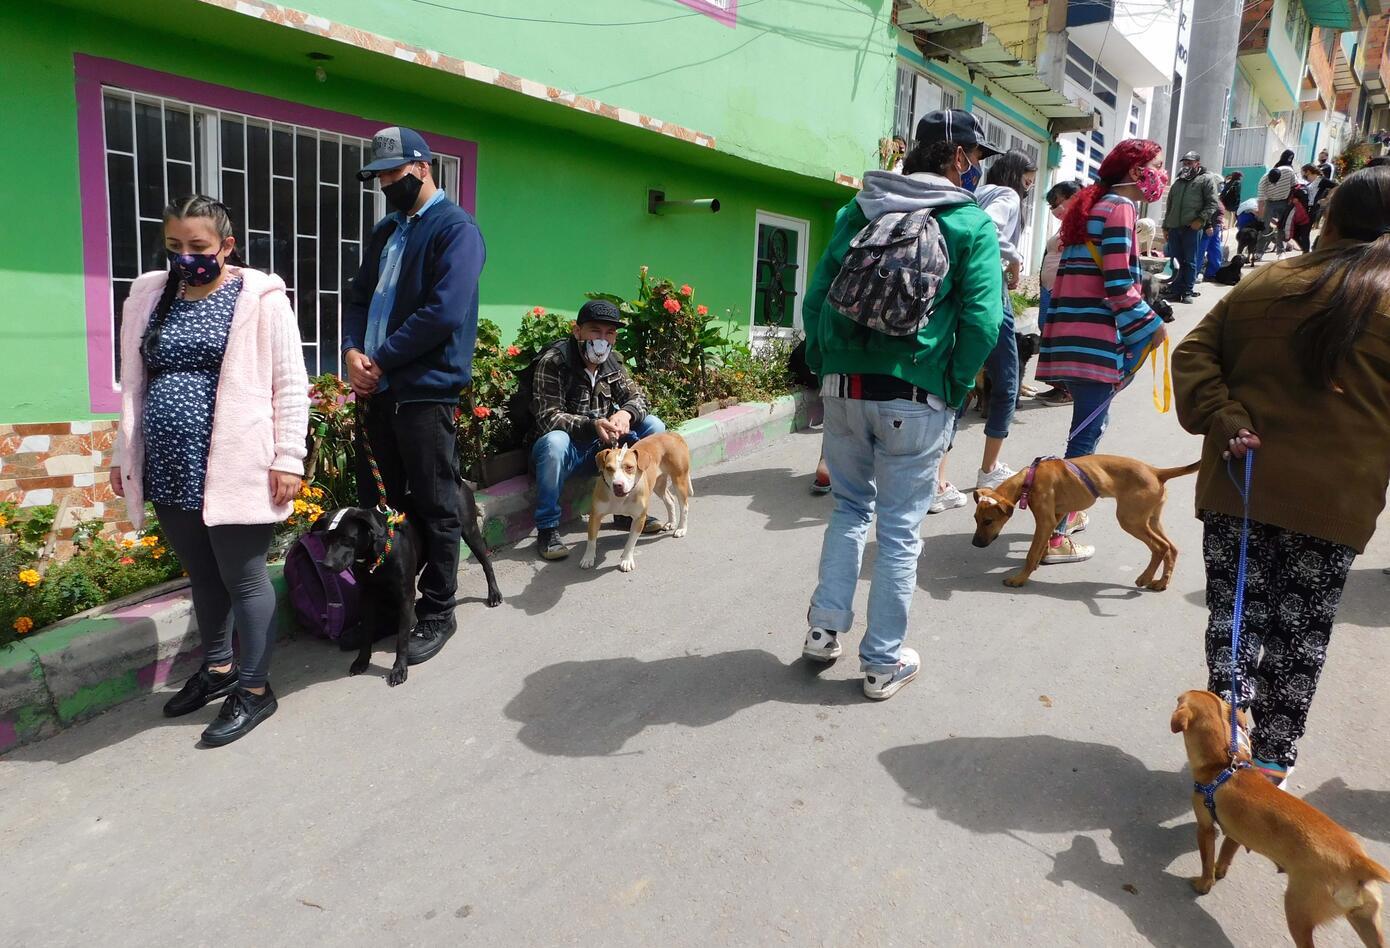 Jornada de esterilización de animales (perros y gatos) en el sur de Bogotá.